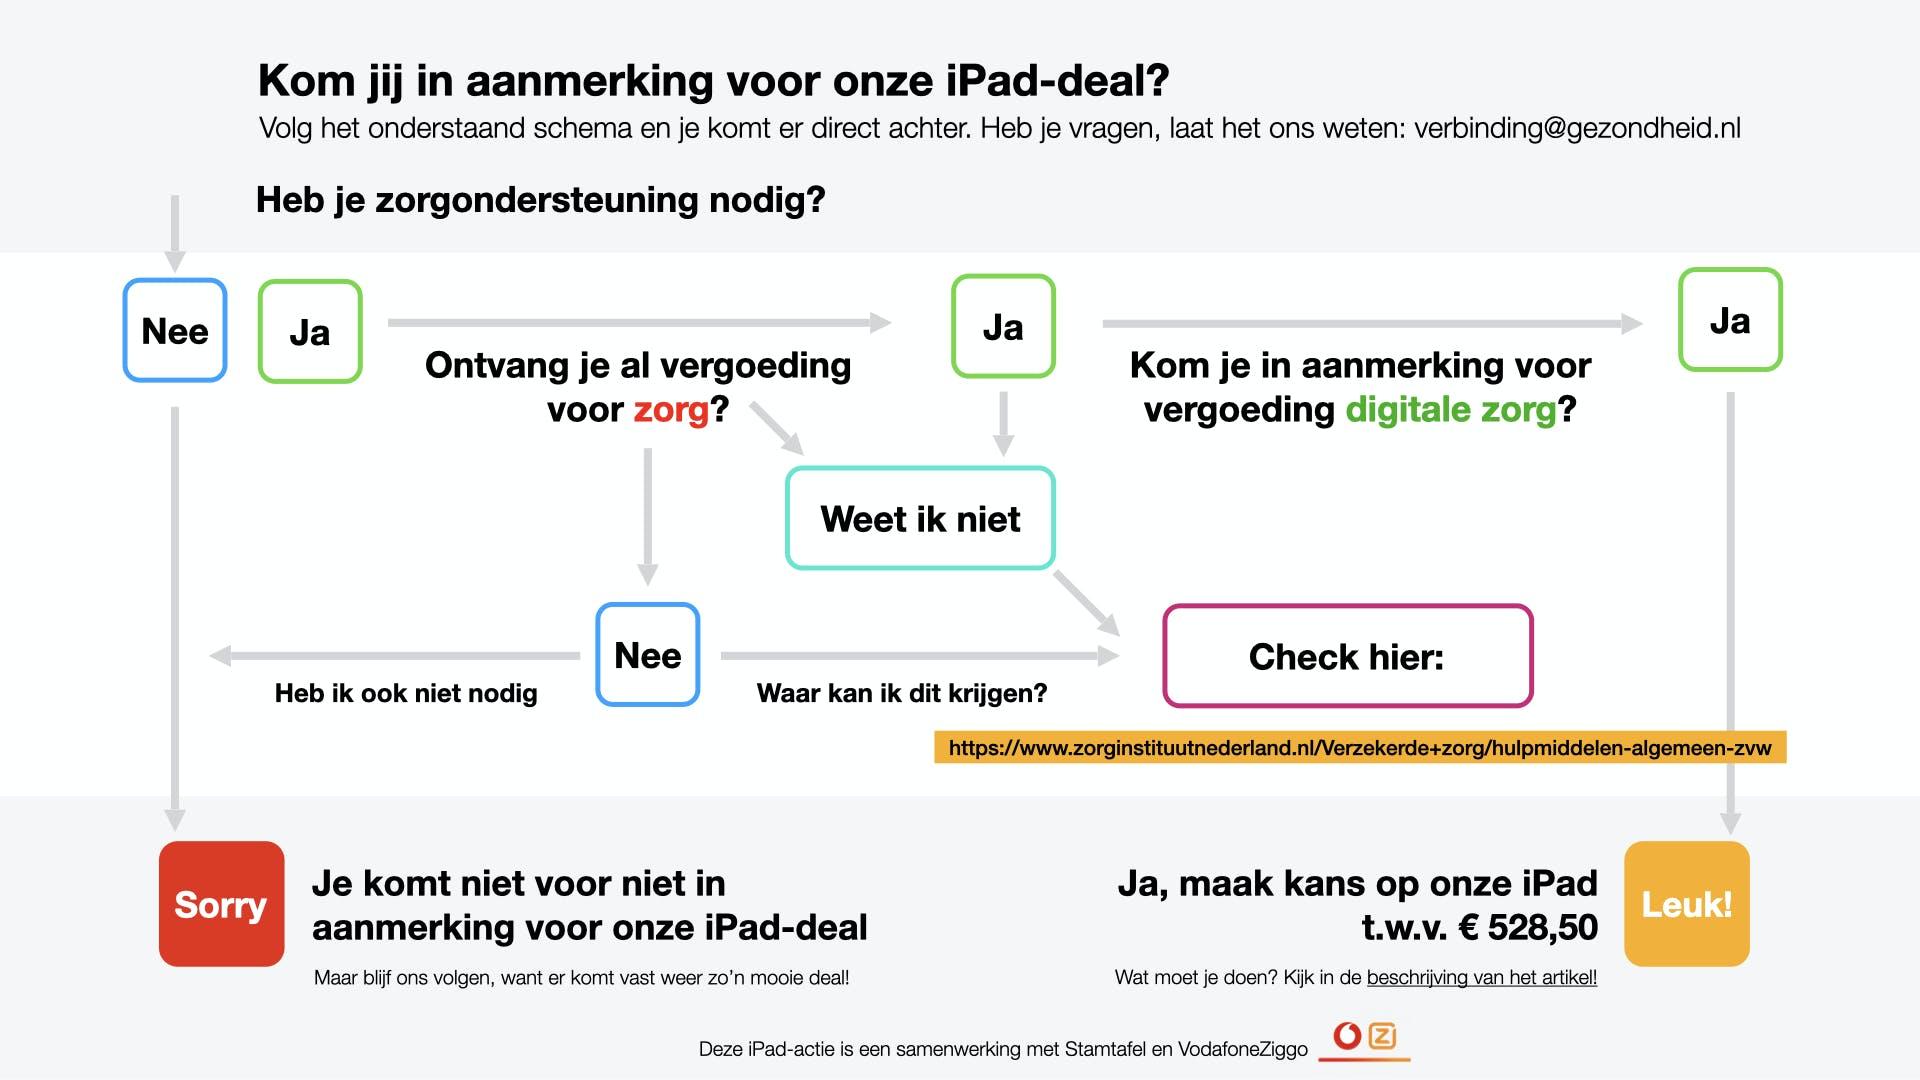 Kom jij in aanmerking voor onze iPad-deal? - Gezondheid.nl en Stamtafel